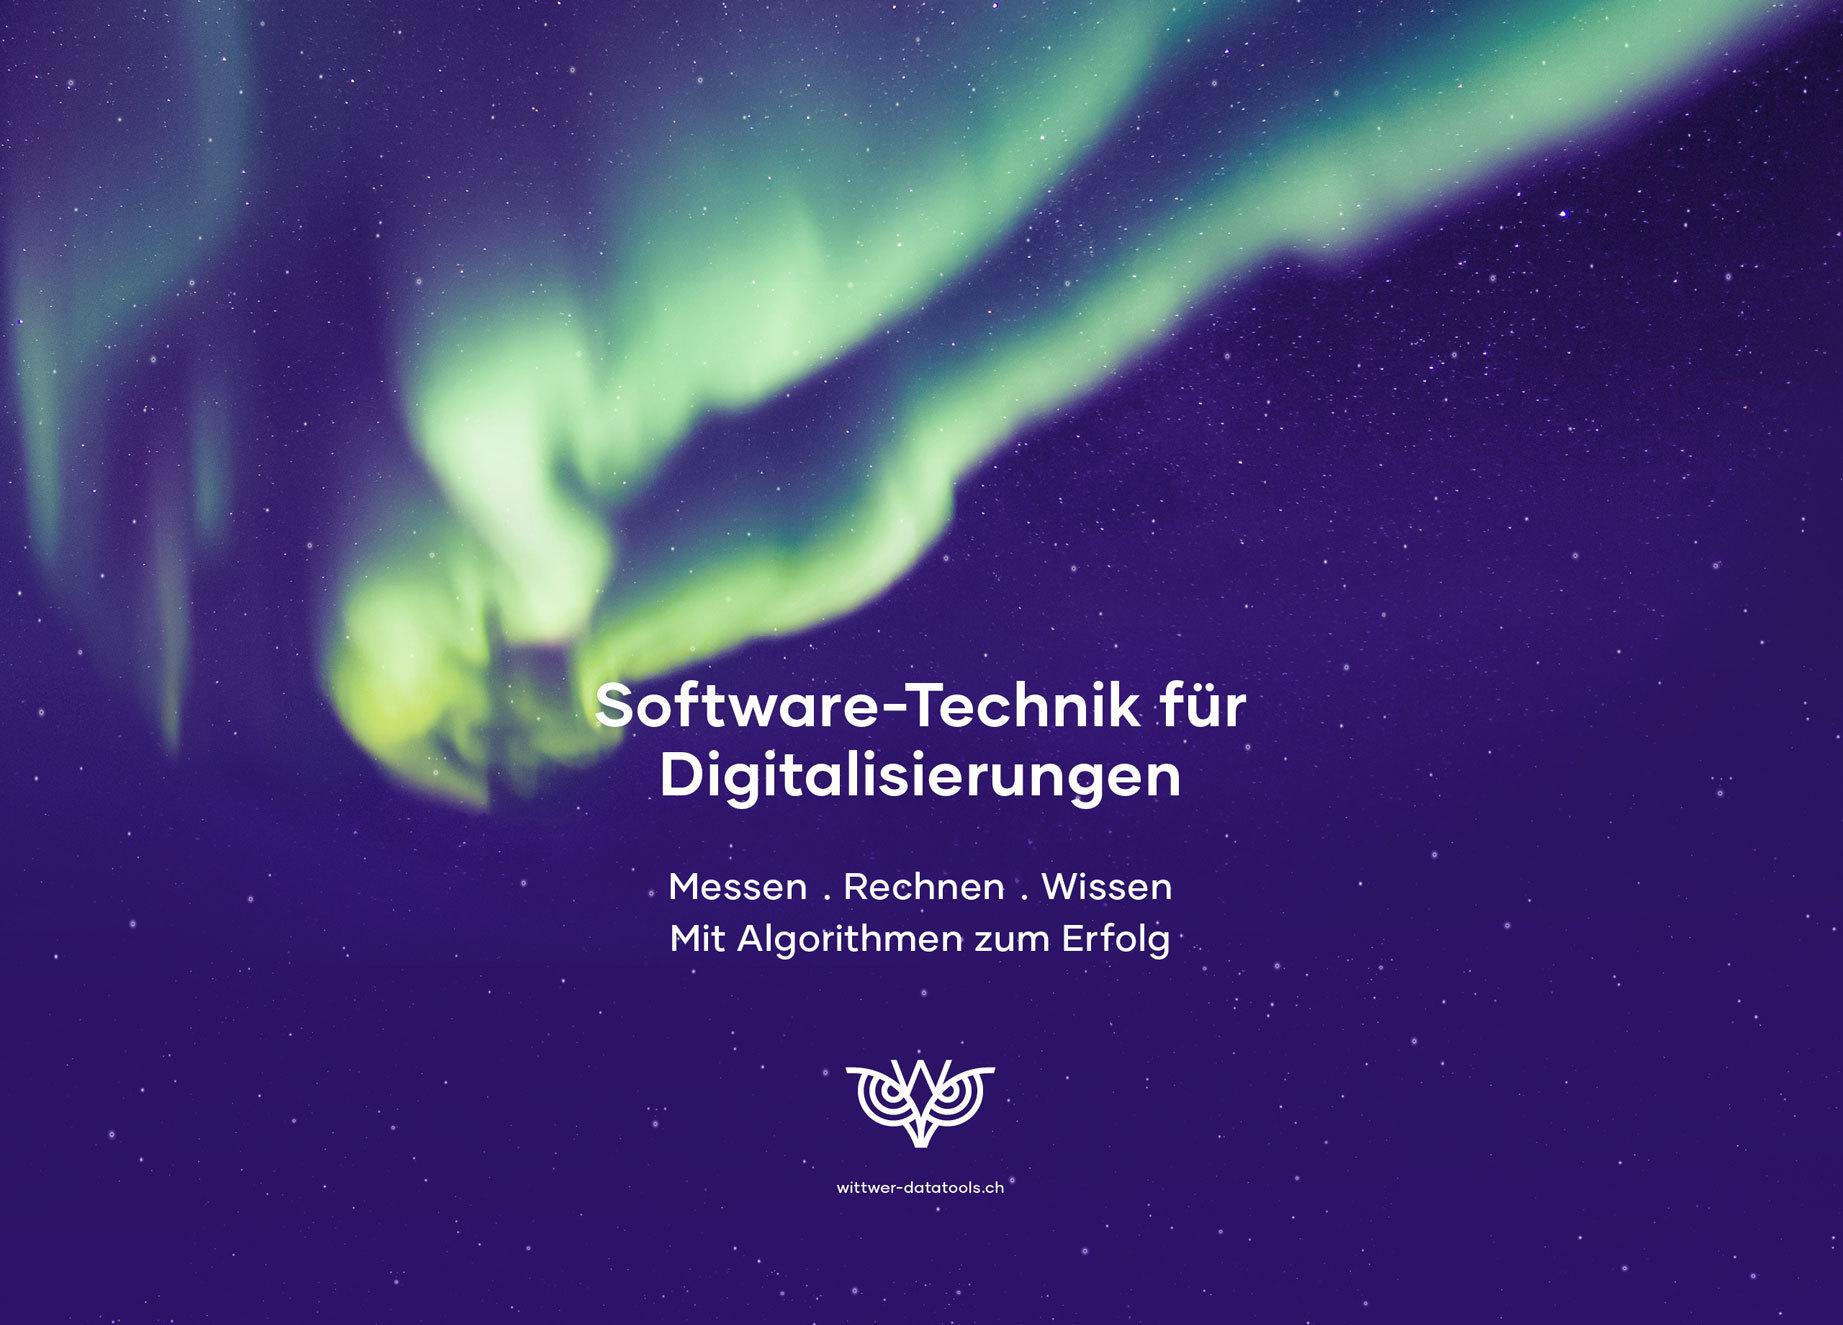 Wittwer Datatools Branding Keyvisuel MHG Bern